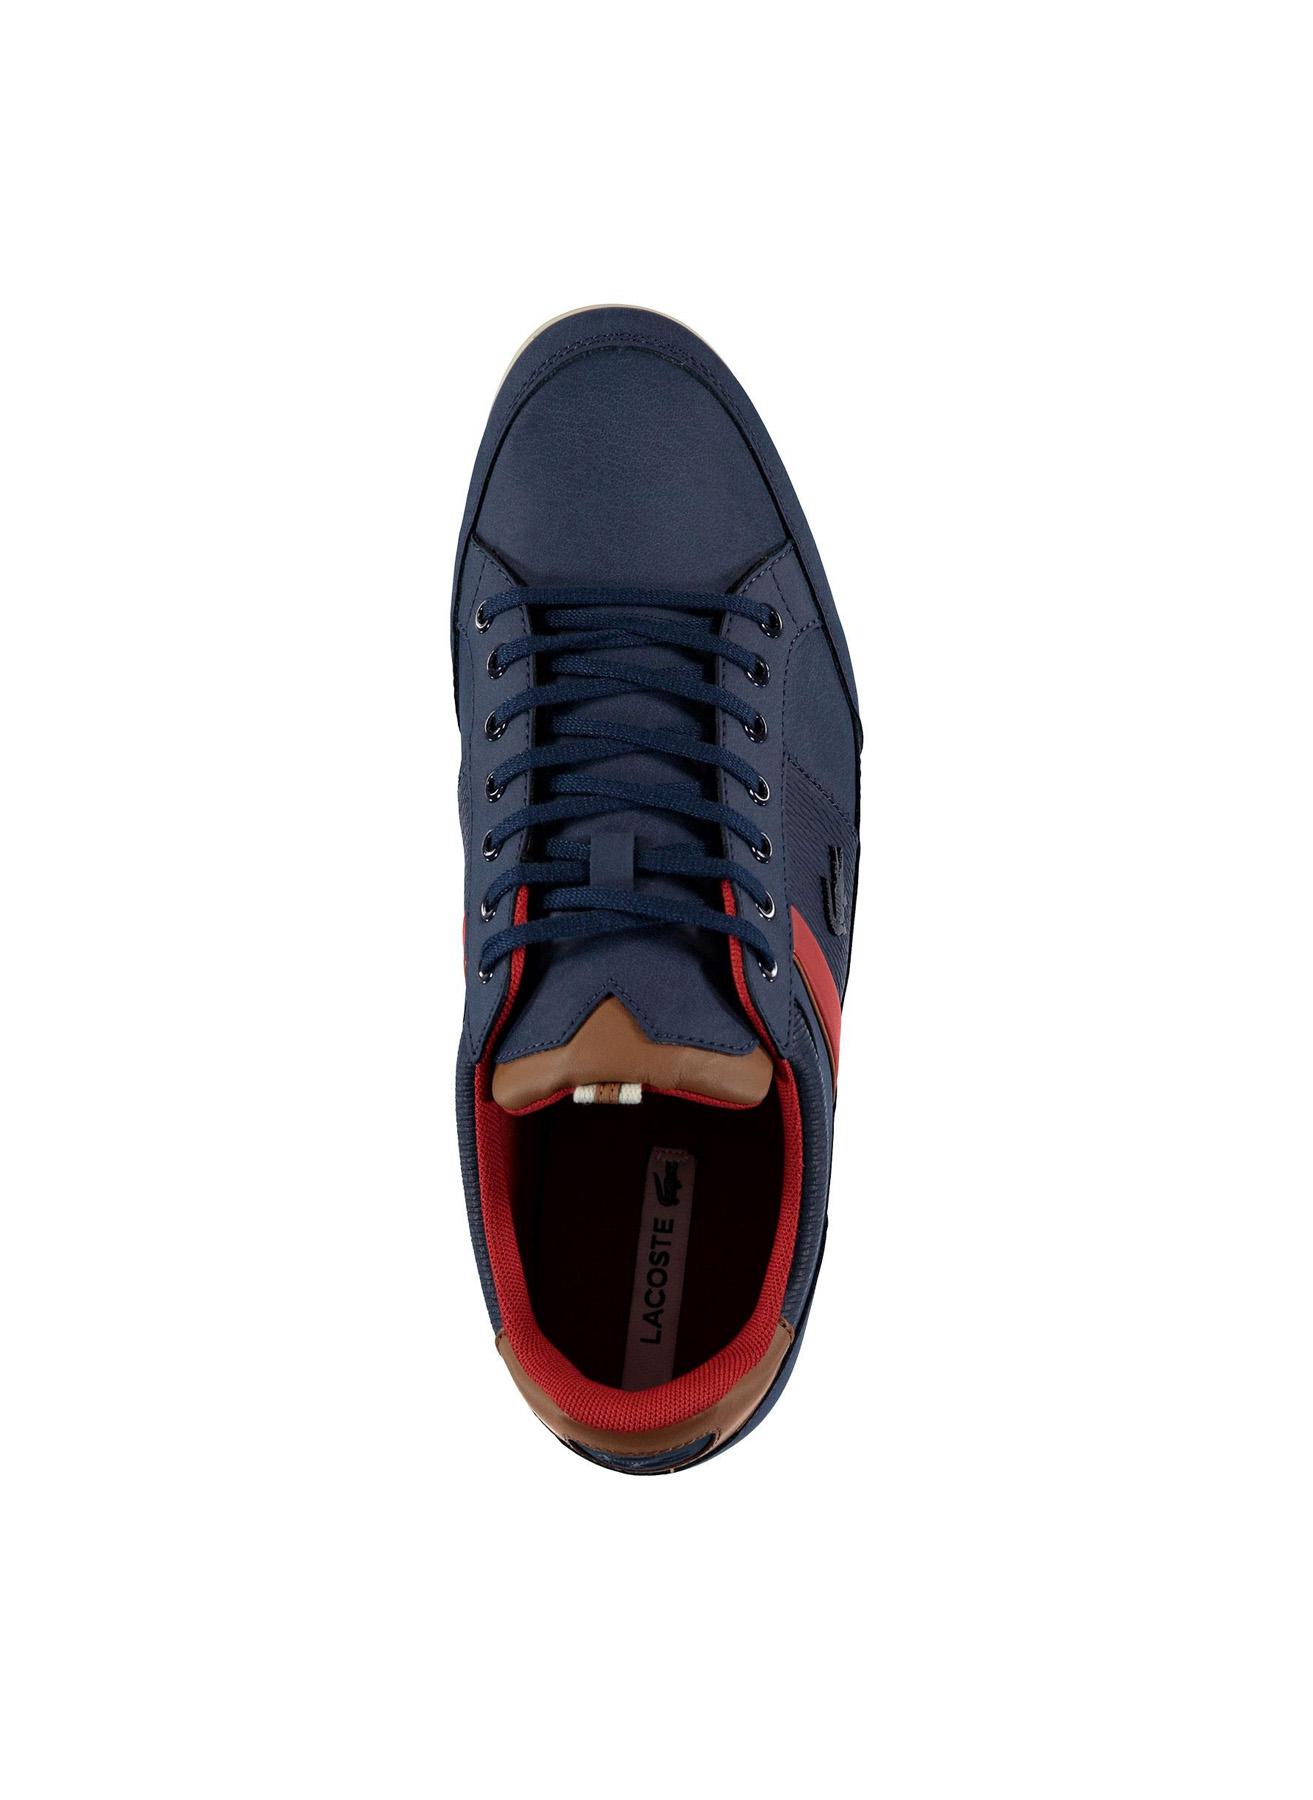 Lacoste Erkek Deri Siyah Lifestyle Ayakkabı 44 5002314224006 Ürün Resmi